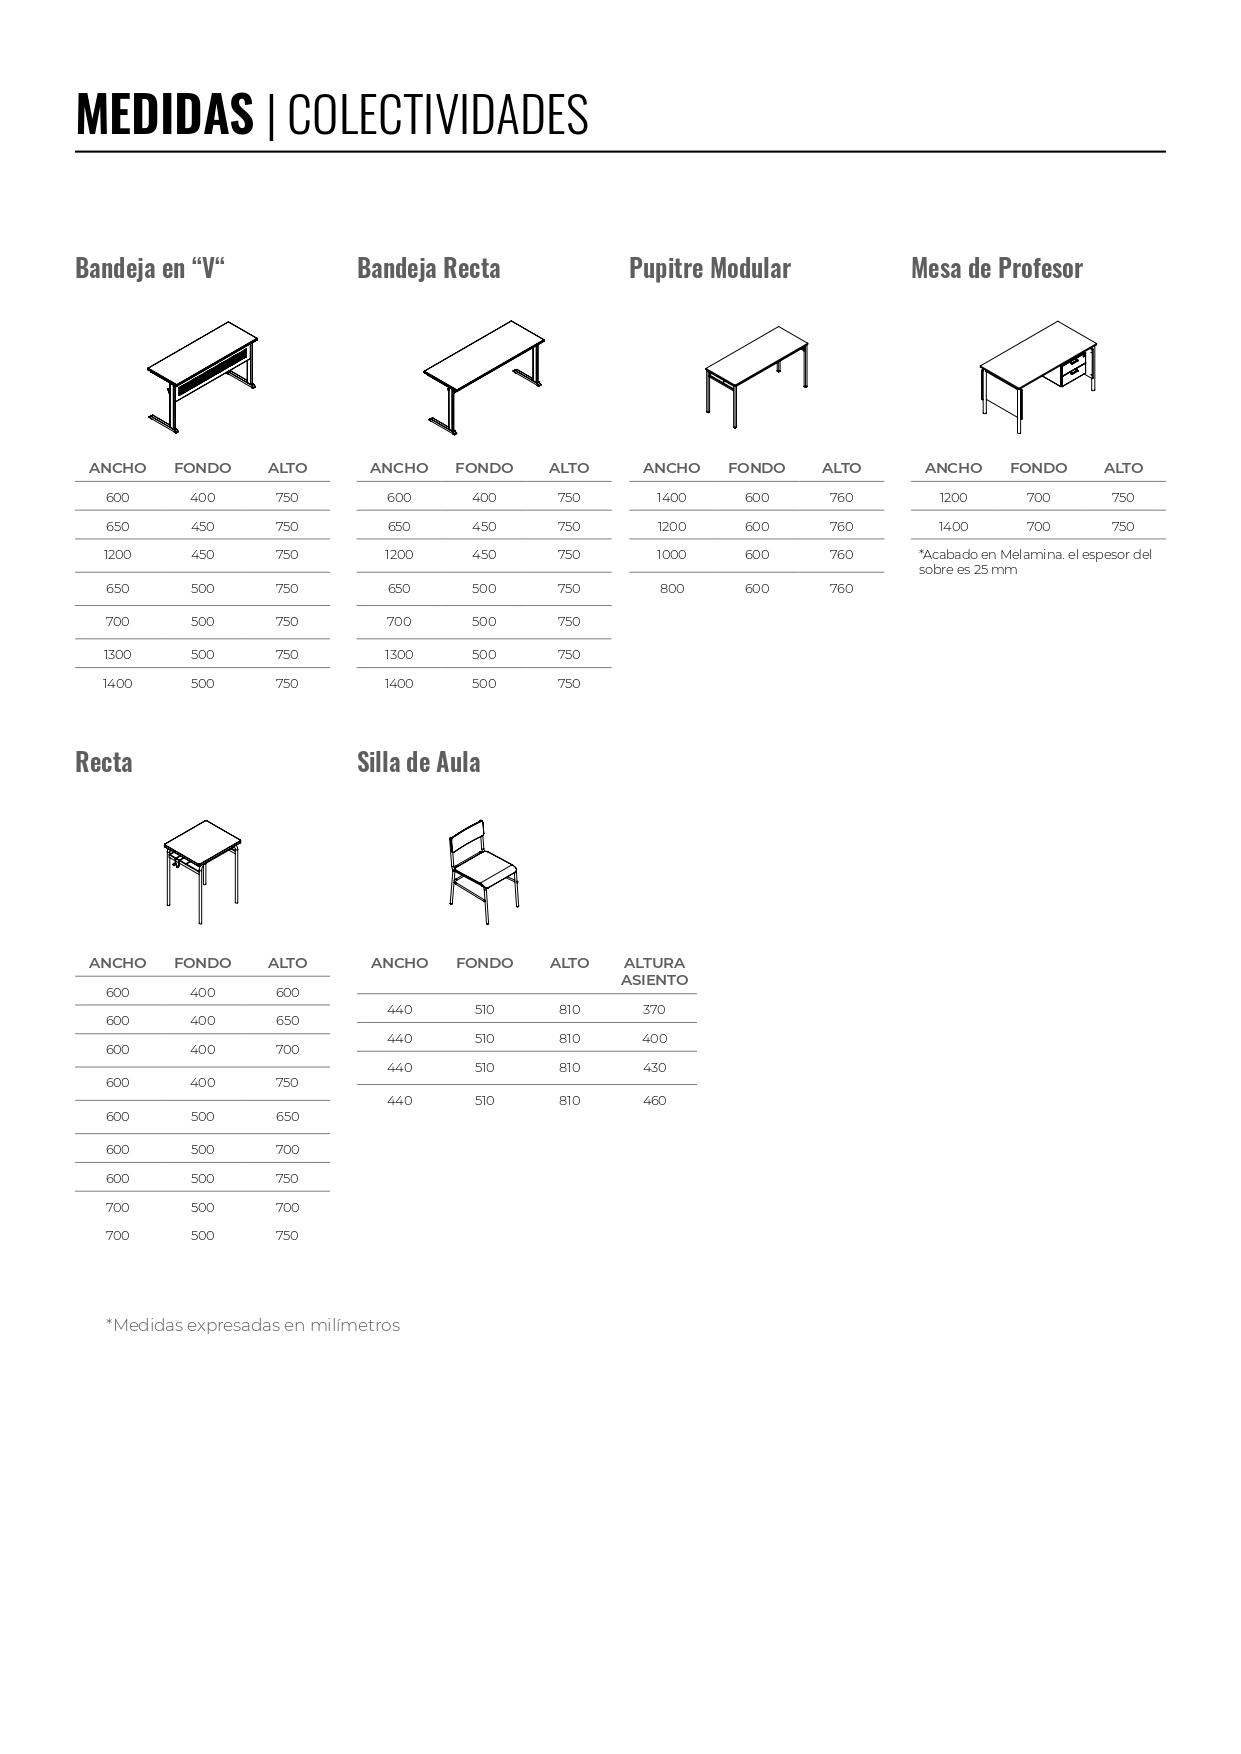 Mesas Pupitre - Medidas - Fabricante de Mobiliario de oficina y colectividades - Limobel Inwo